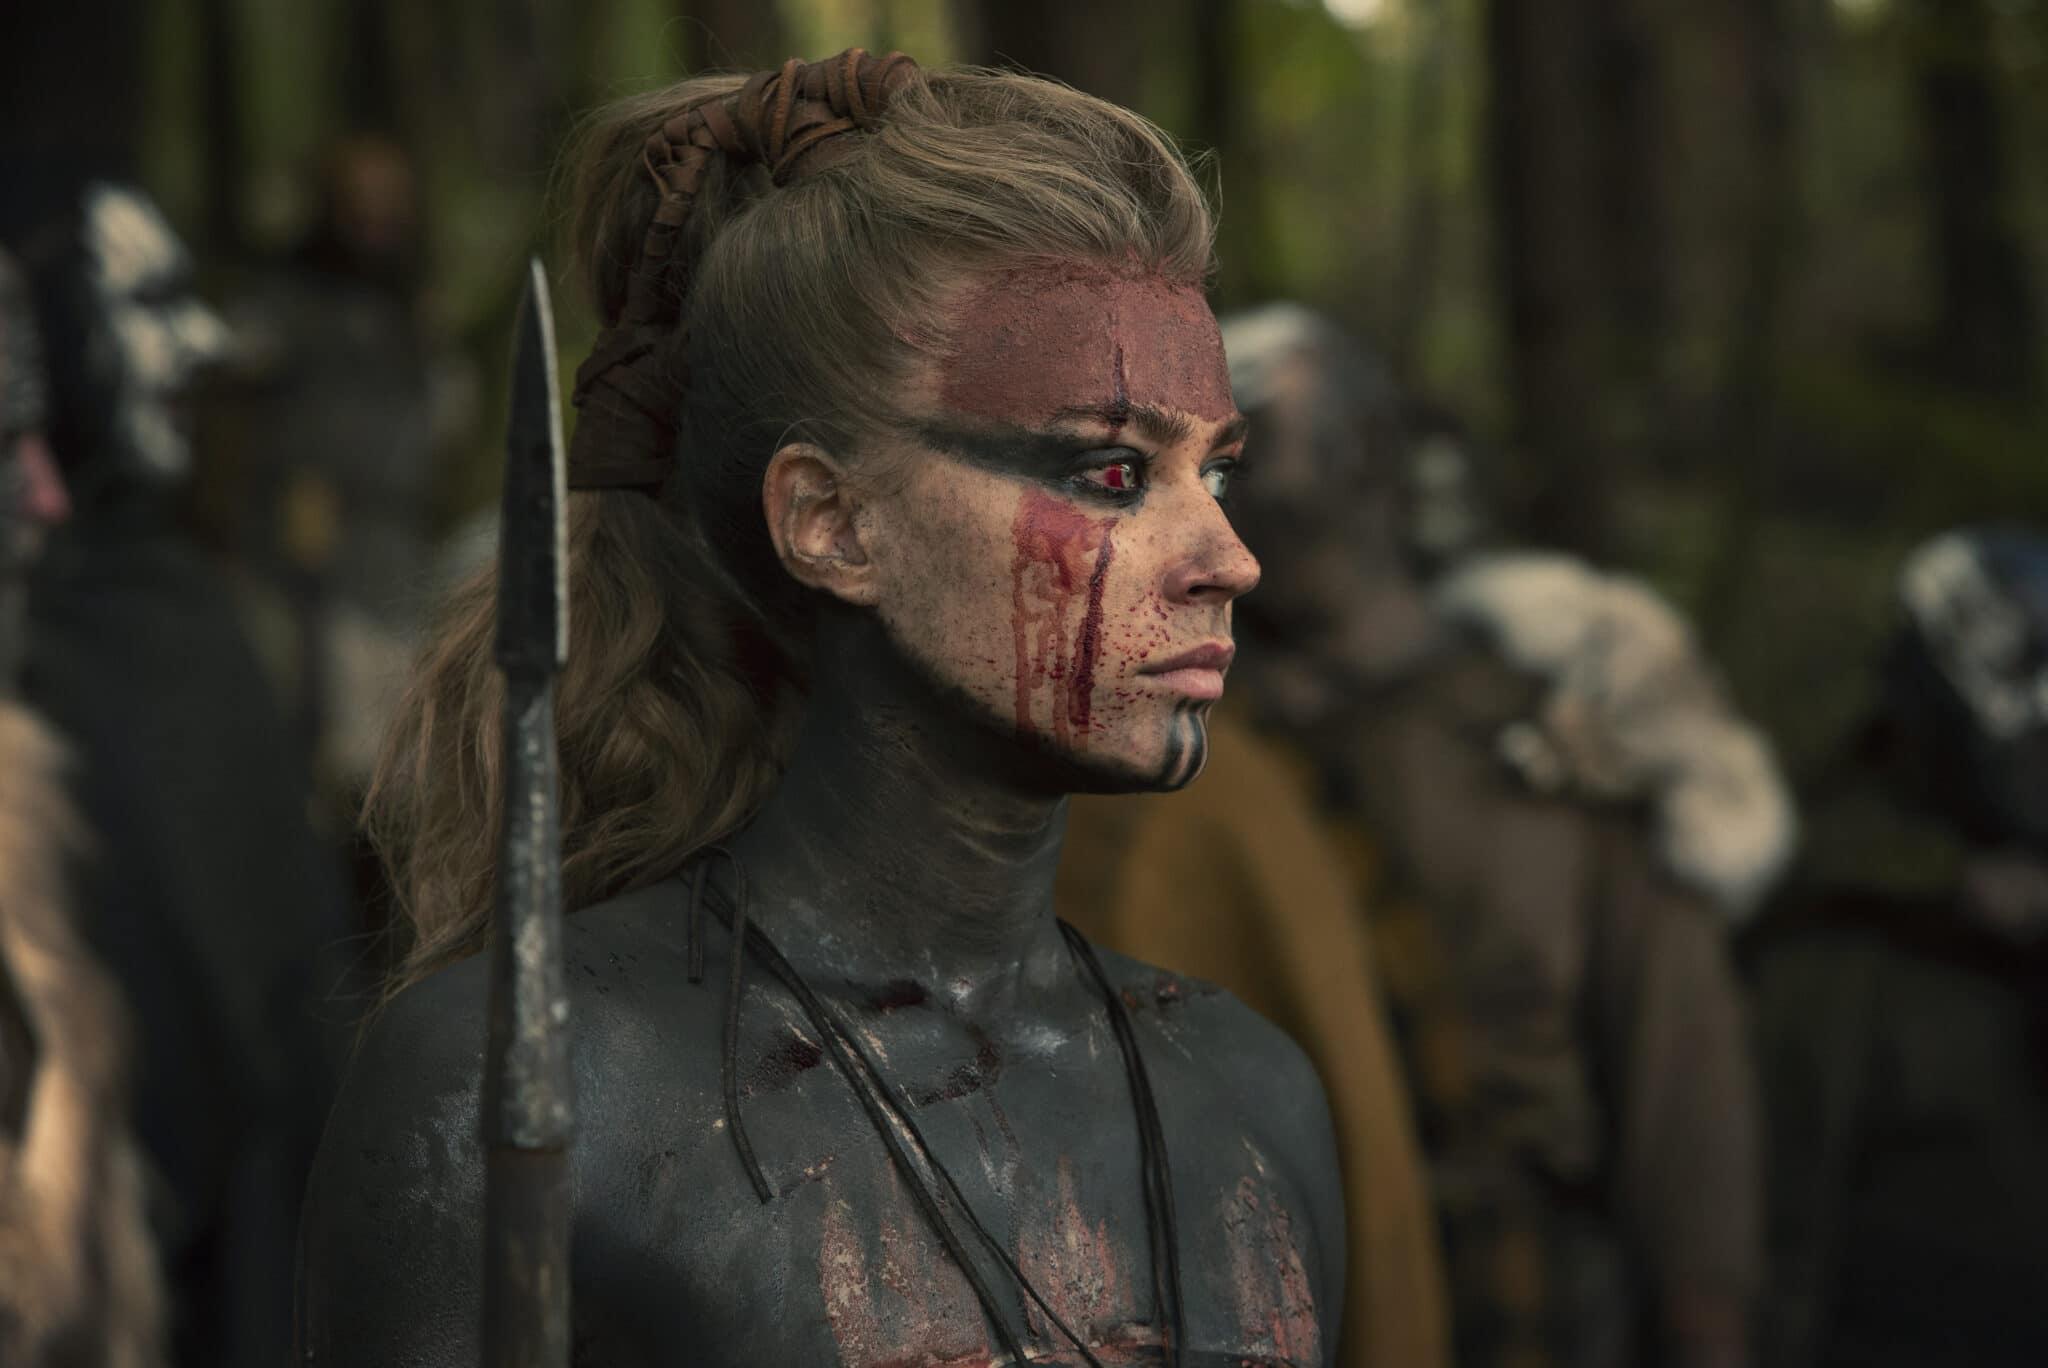 Thusnelda (Jeanne Goursaud) ist komplett mit Blut und schwarzer Farbe überzogen. Sie blickt mit ernster Miene für den Betrachter nach rechts. Ihr rechtes Auge ist dabei blutunterlaufen.